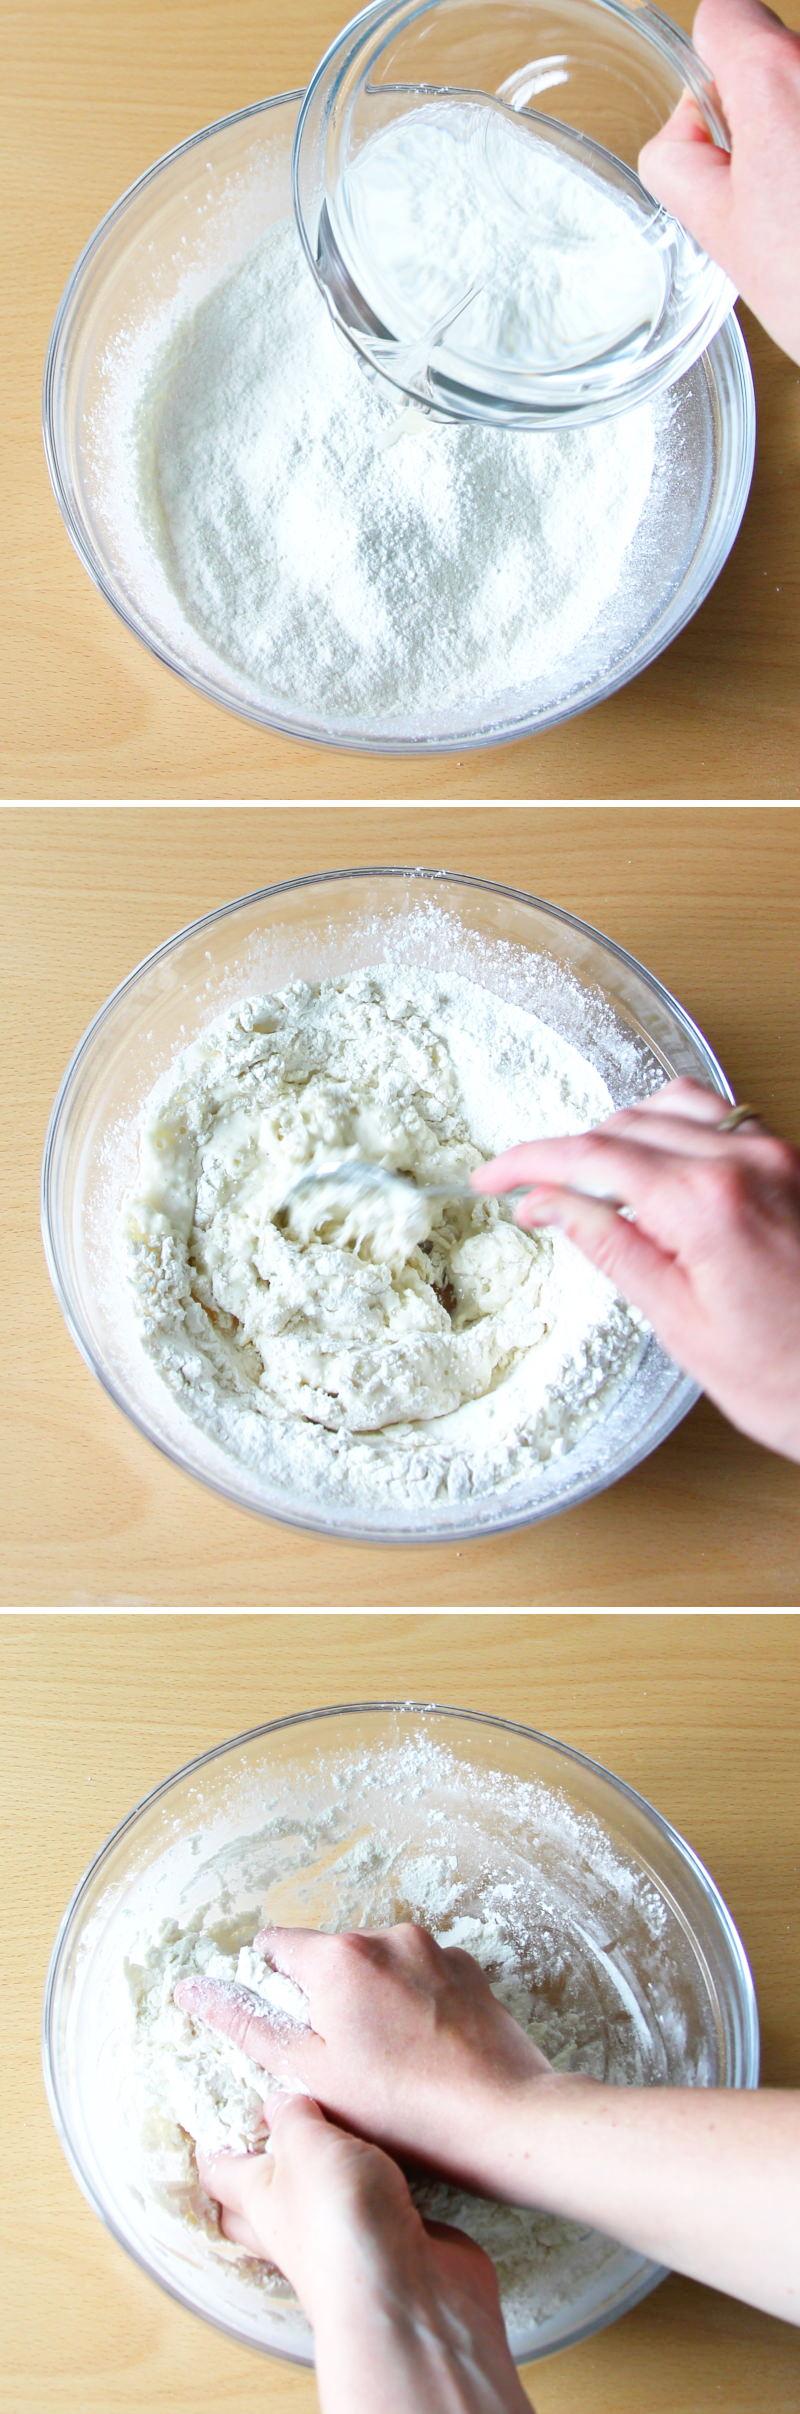 Gyoza Blätter Schritt 4 Mehl mit Wasser vermischen